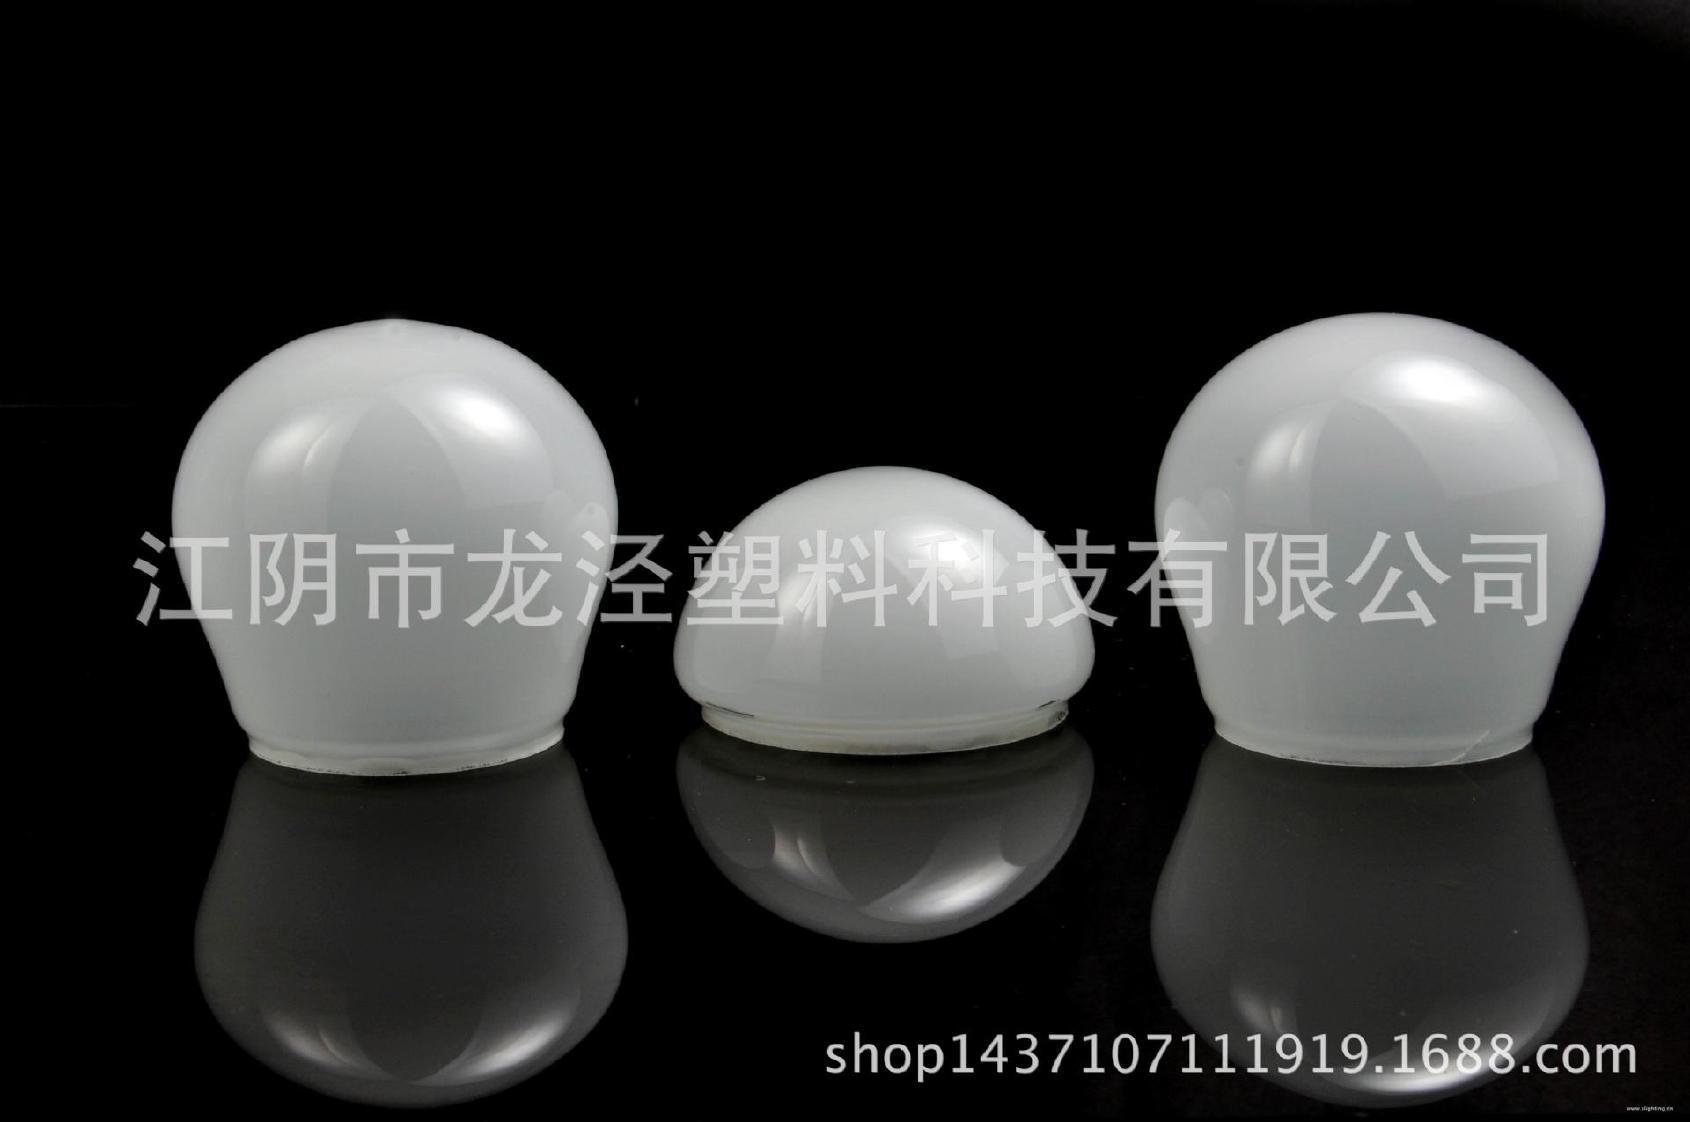 批發LED日光燈管配件 耐高溫無拉紋PC管 光擴散燈罩 塑料透明燈罩圖片